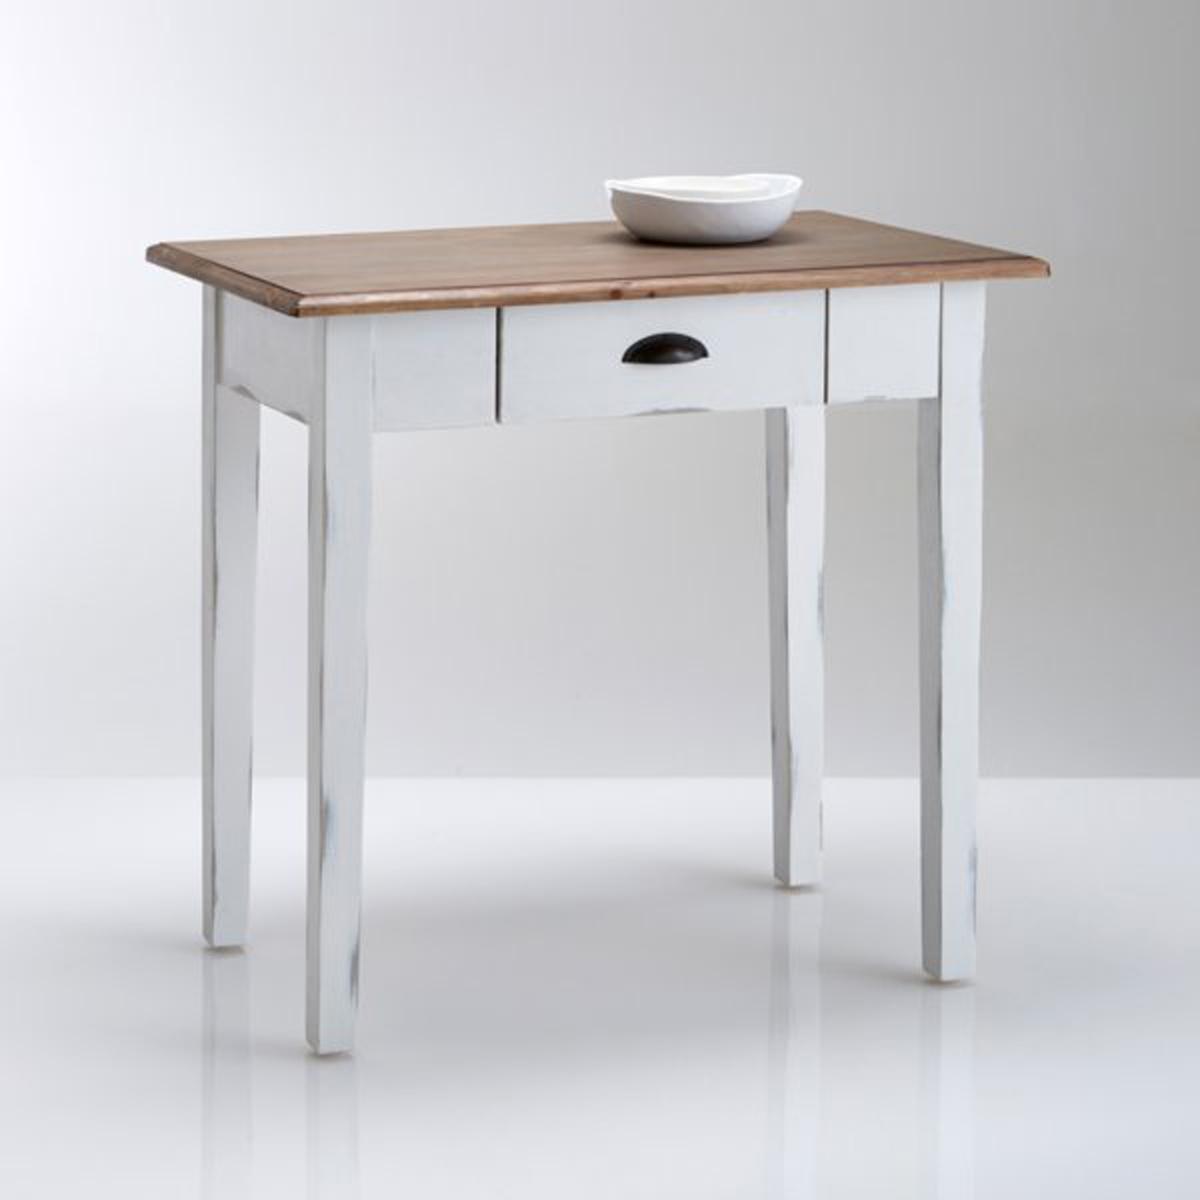 Стол кухонный из массива сосны на 1-2 персоны, Roside